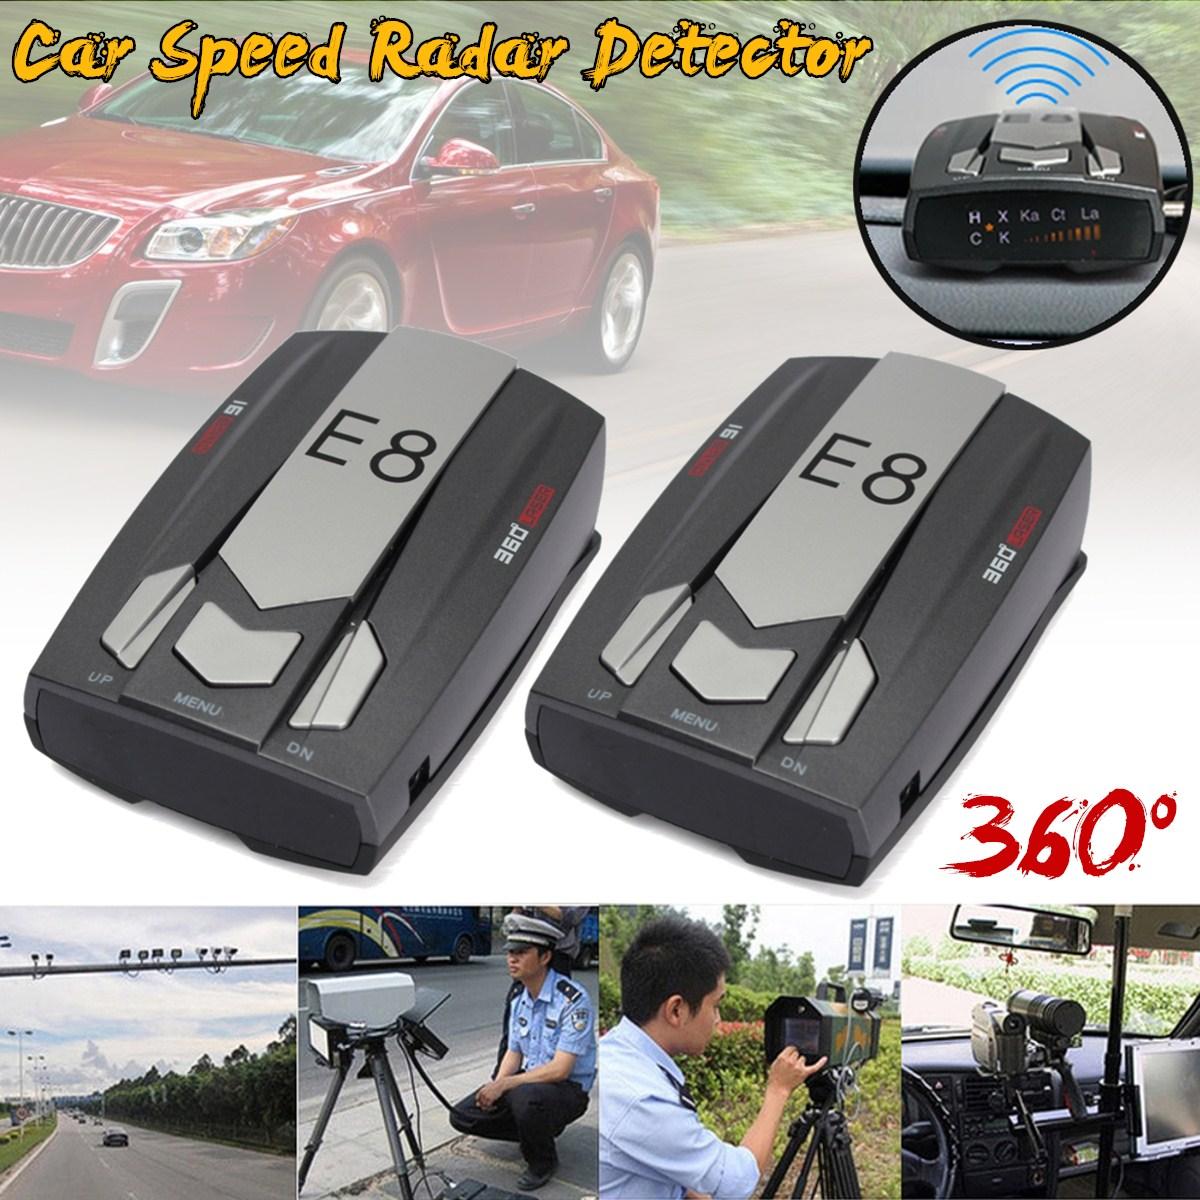 [해외]쌍 E8 자동차 레이더 탐지기 360도 LED 디스플레이 경고 경고 안티 레이더 감지기 러시아 / 영어 음성/Pair E8 Car Radar Detector 360 Degrees LED Display Alert Warning Anti Radar Detectors